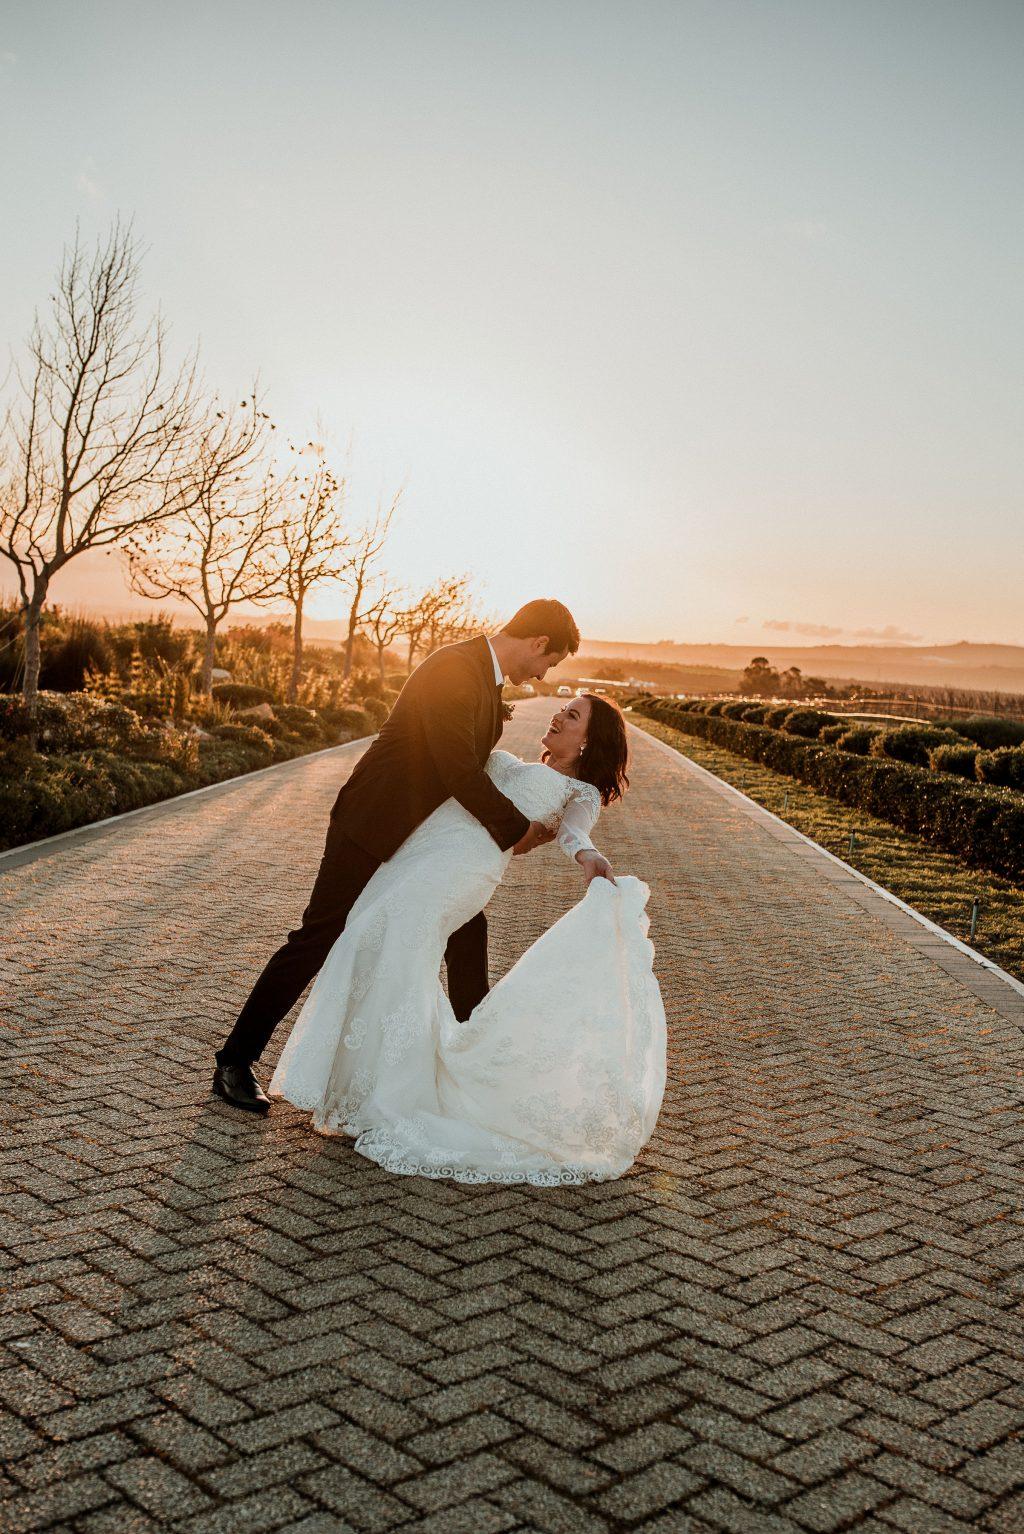 Mejores sitios para una destination wedding Cape Town Sud de Africa - Los Mejores Lugares en el Mundo para una Destination Wedding